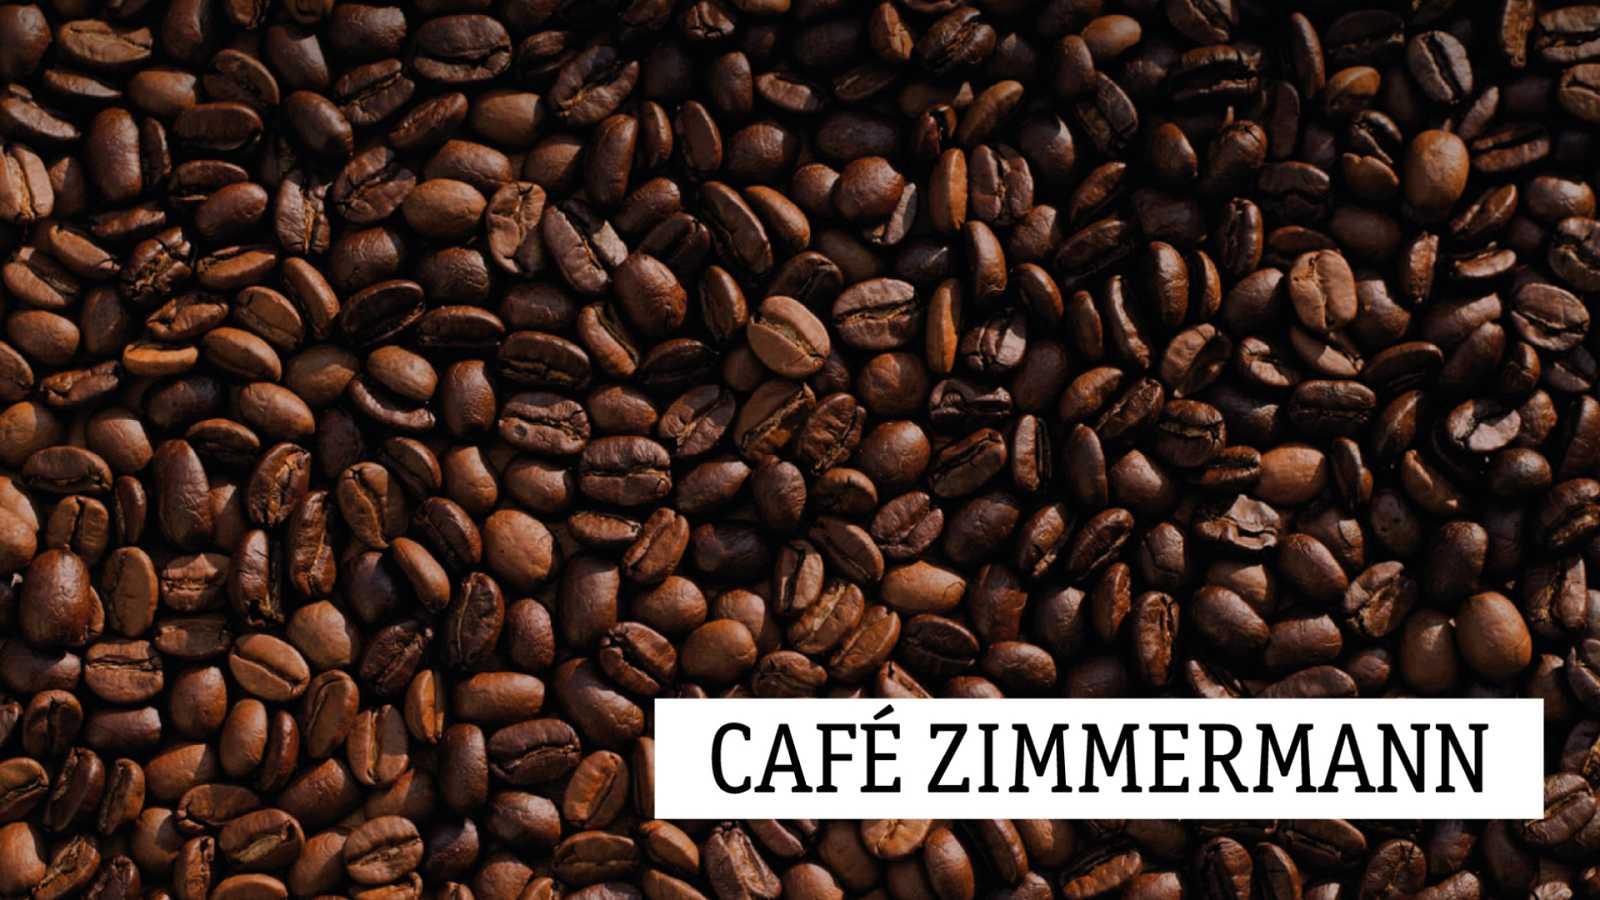 Café Zimmermann - Jörg Widmann - 26/02/21 - escuchar ahora